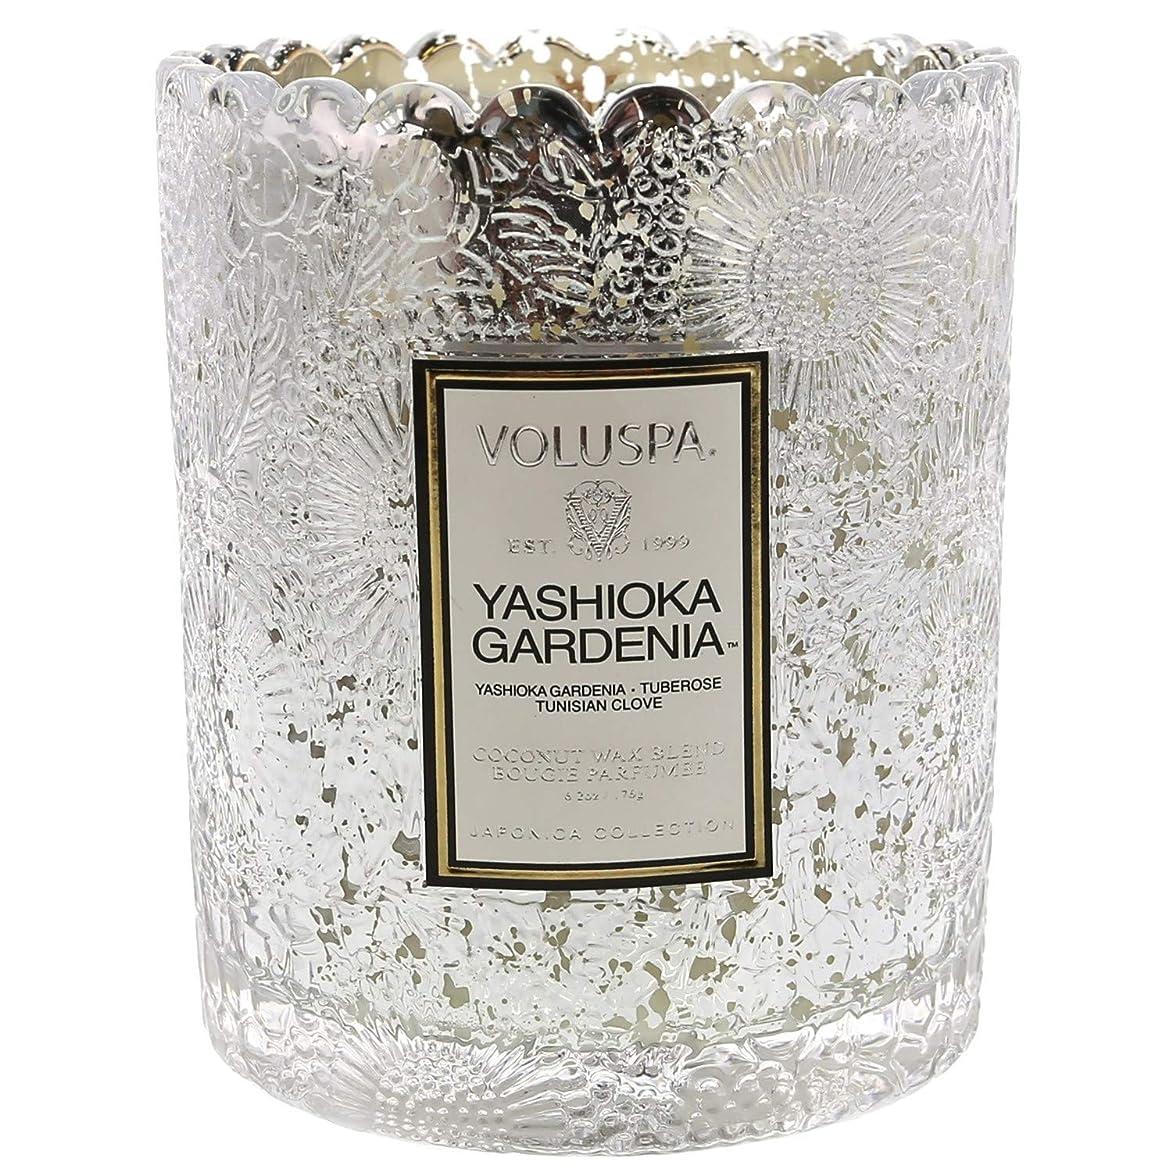 Voluspa ボルスパ ジャポニカ リミテッド スカラップグラスキャンドル  ヤシオカガーデニア YASHIOKA GARDENIA JAPONICA Limited SCALLOPED EDGE Glass Candle